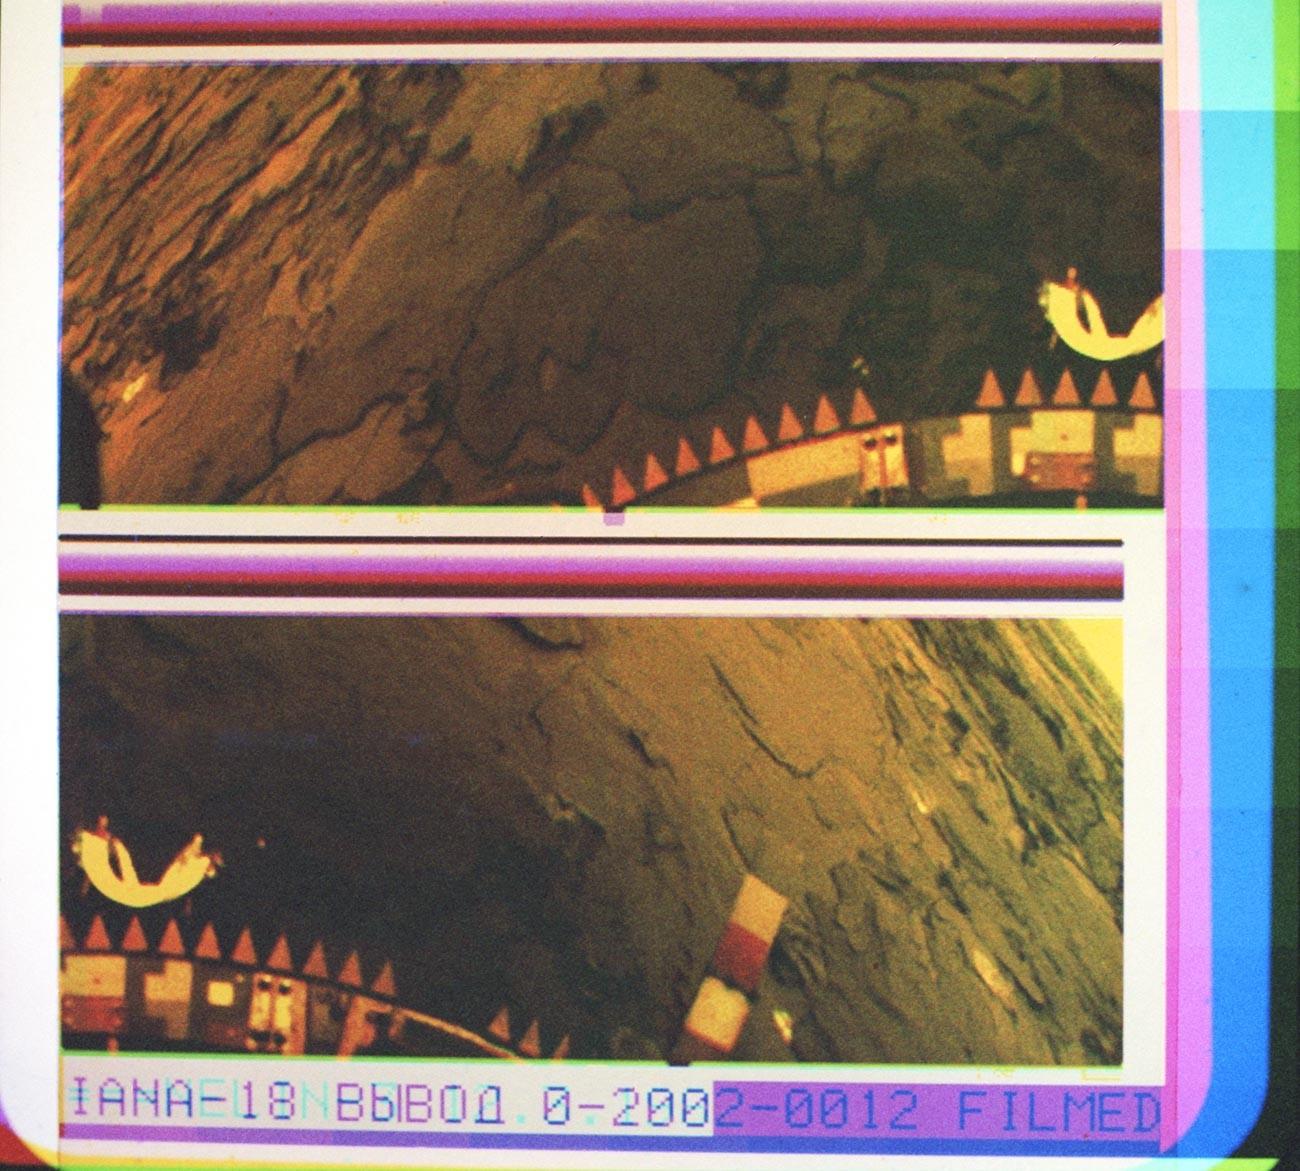 Farbbilder der Oberfläche der Venus